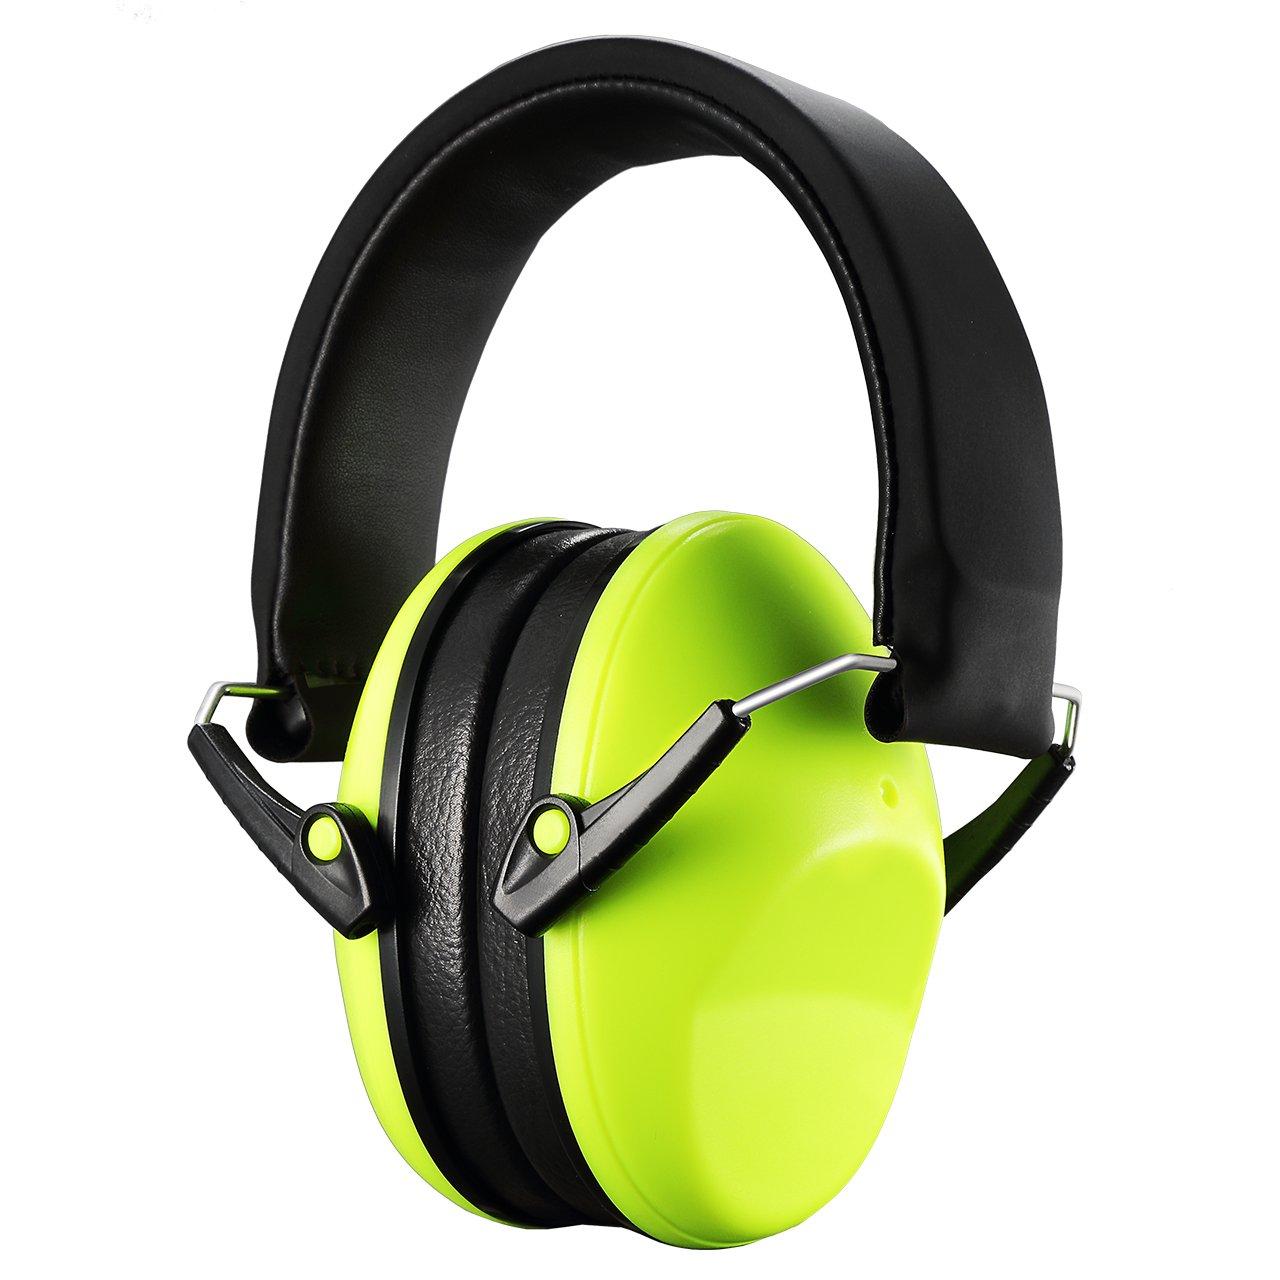 Homitt Ohrenschützer Gehörschutz Ear Muffs Headband Ohrenschutz Anti-lärm für Kinder